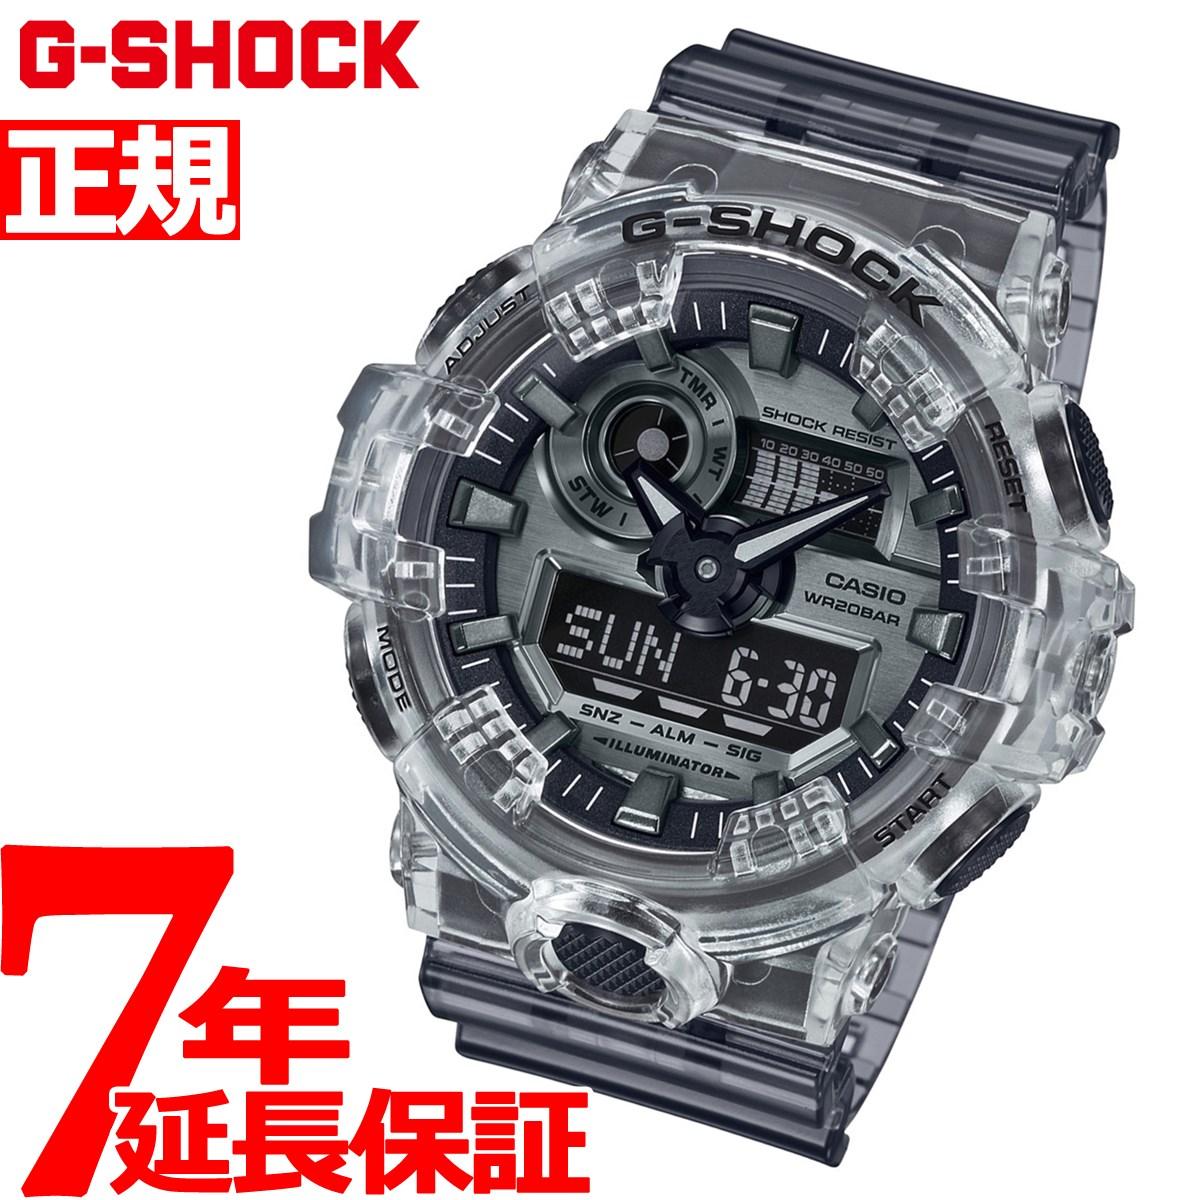 ニールがお得!今ならポイント最大39倍!10日23時59分まで! G-SHOCK アナデジ メンズ 限定モデル 腕時計 カシオ CASIO Clear Skeleton GA-700SK-1AJF【2019 新作】